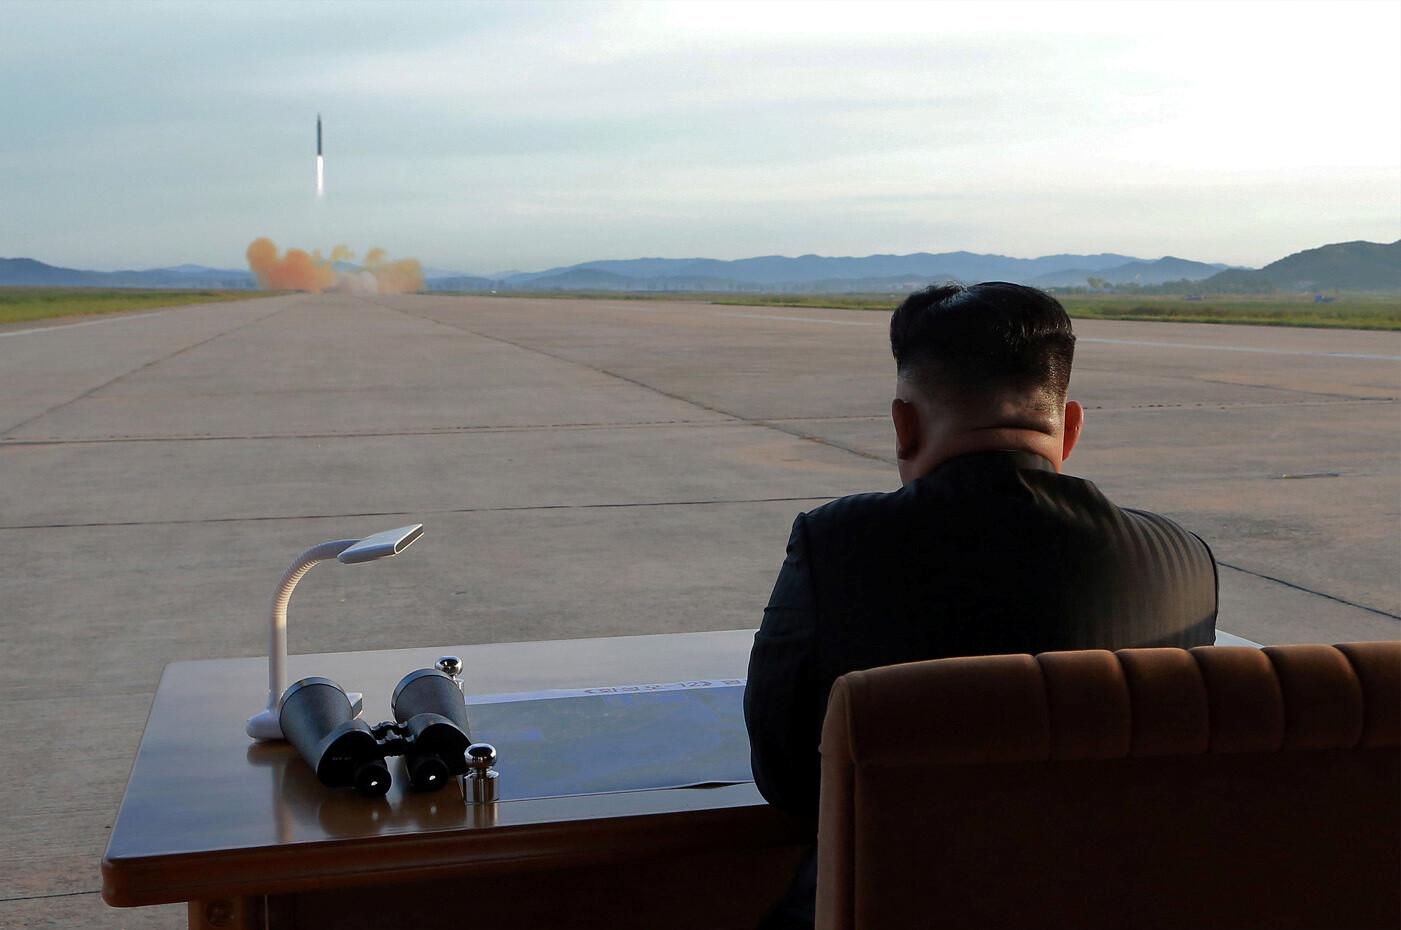 كوريا الشمالية تهدد باستئناف تجاربها النووية ردا على